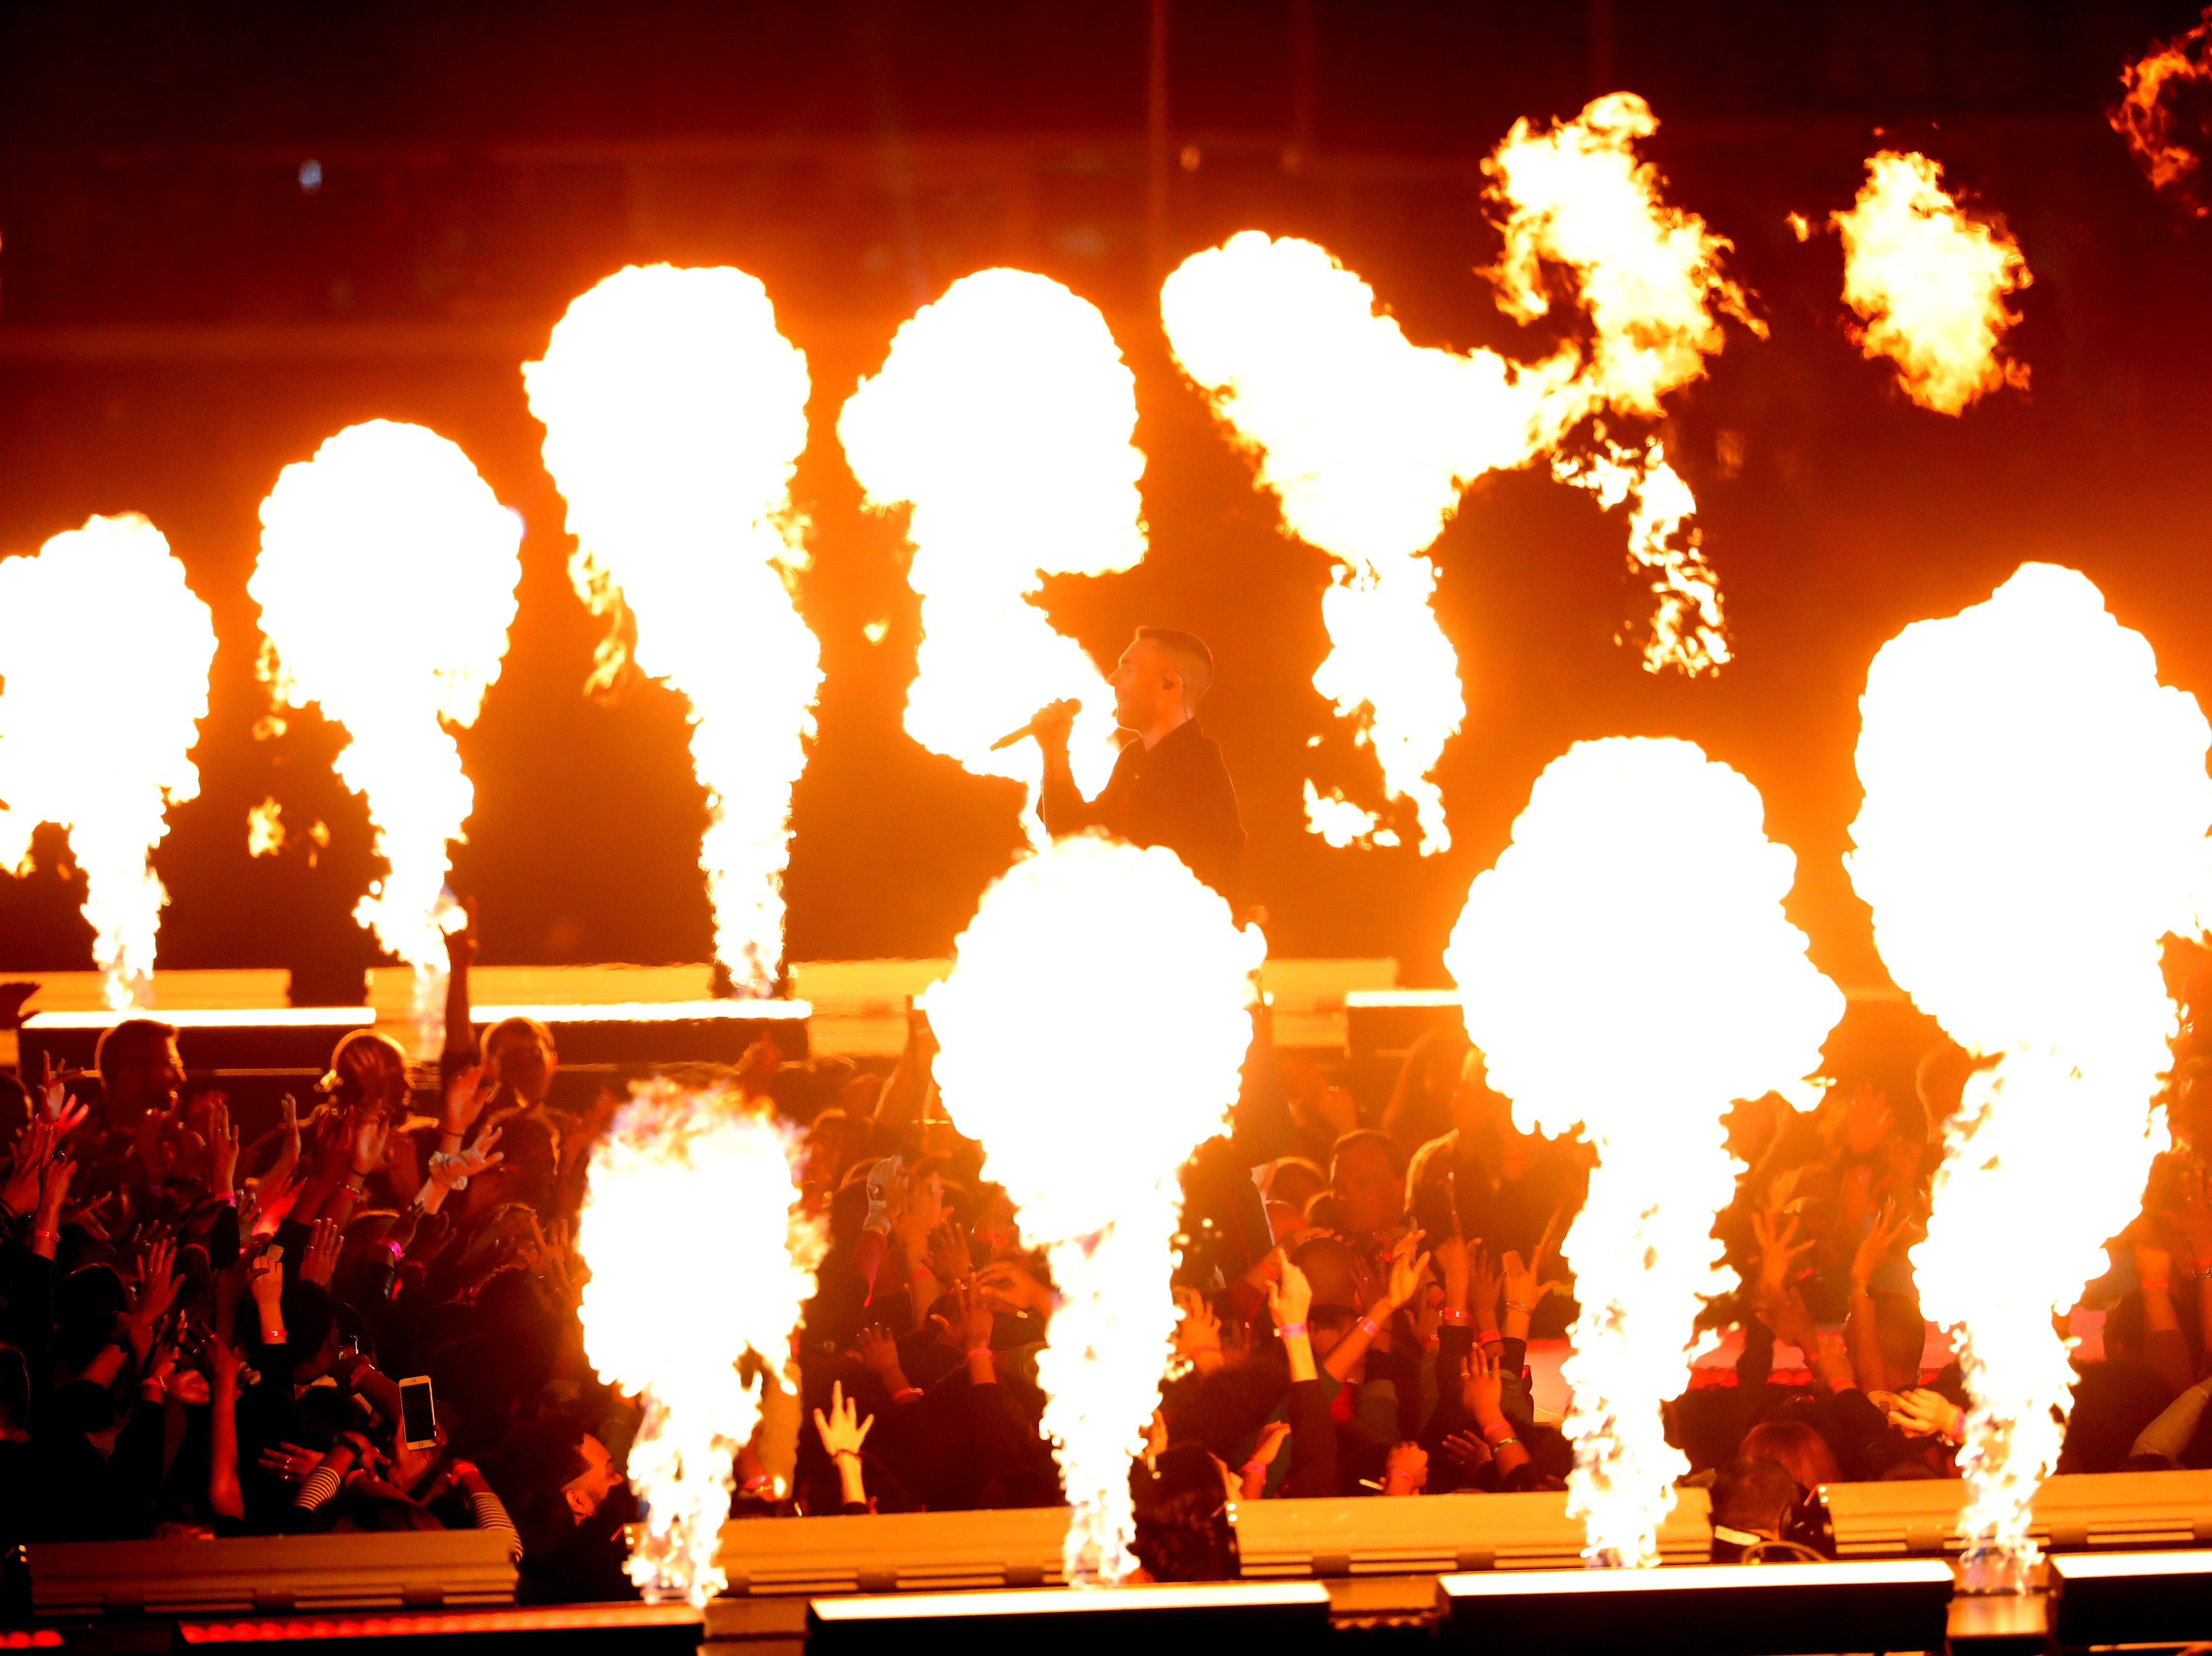 Las mejores imágenes del espectáculo de Medio Tiempo del Super Bowl LIII, estelarizado por el grupo Maroon 5 y el rapero Travis Scott.